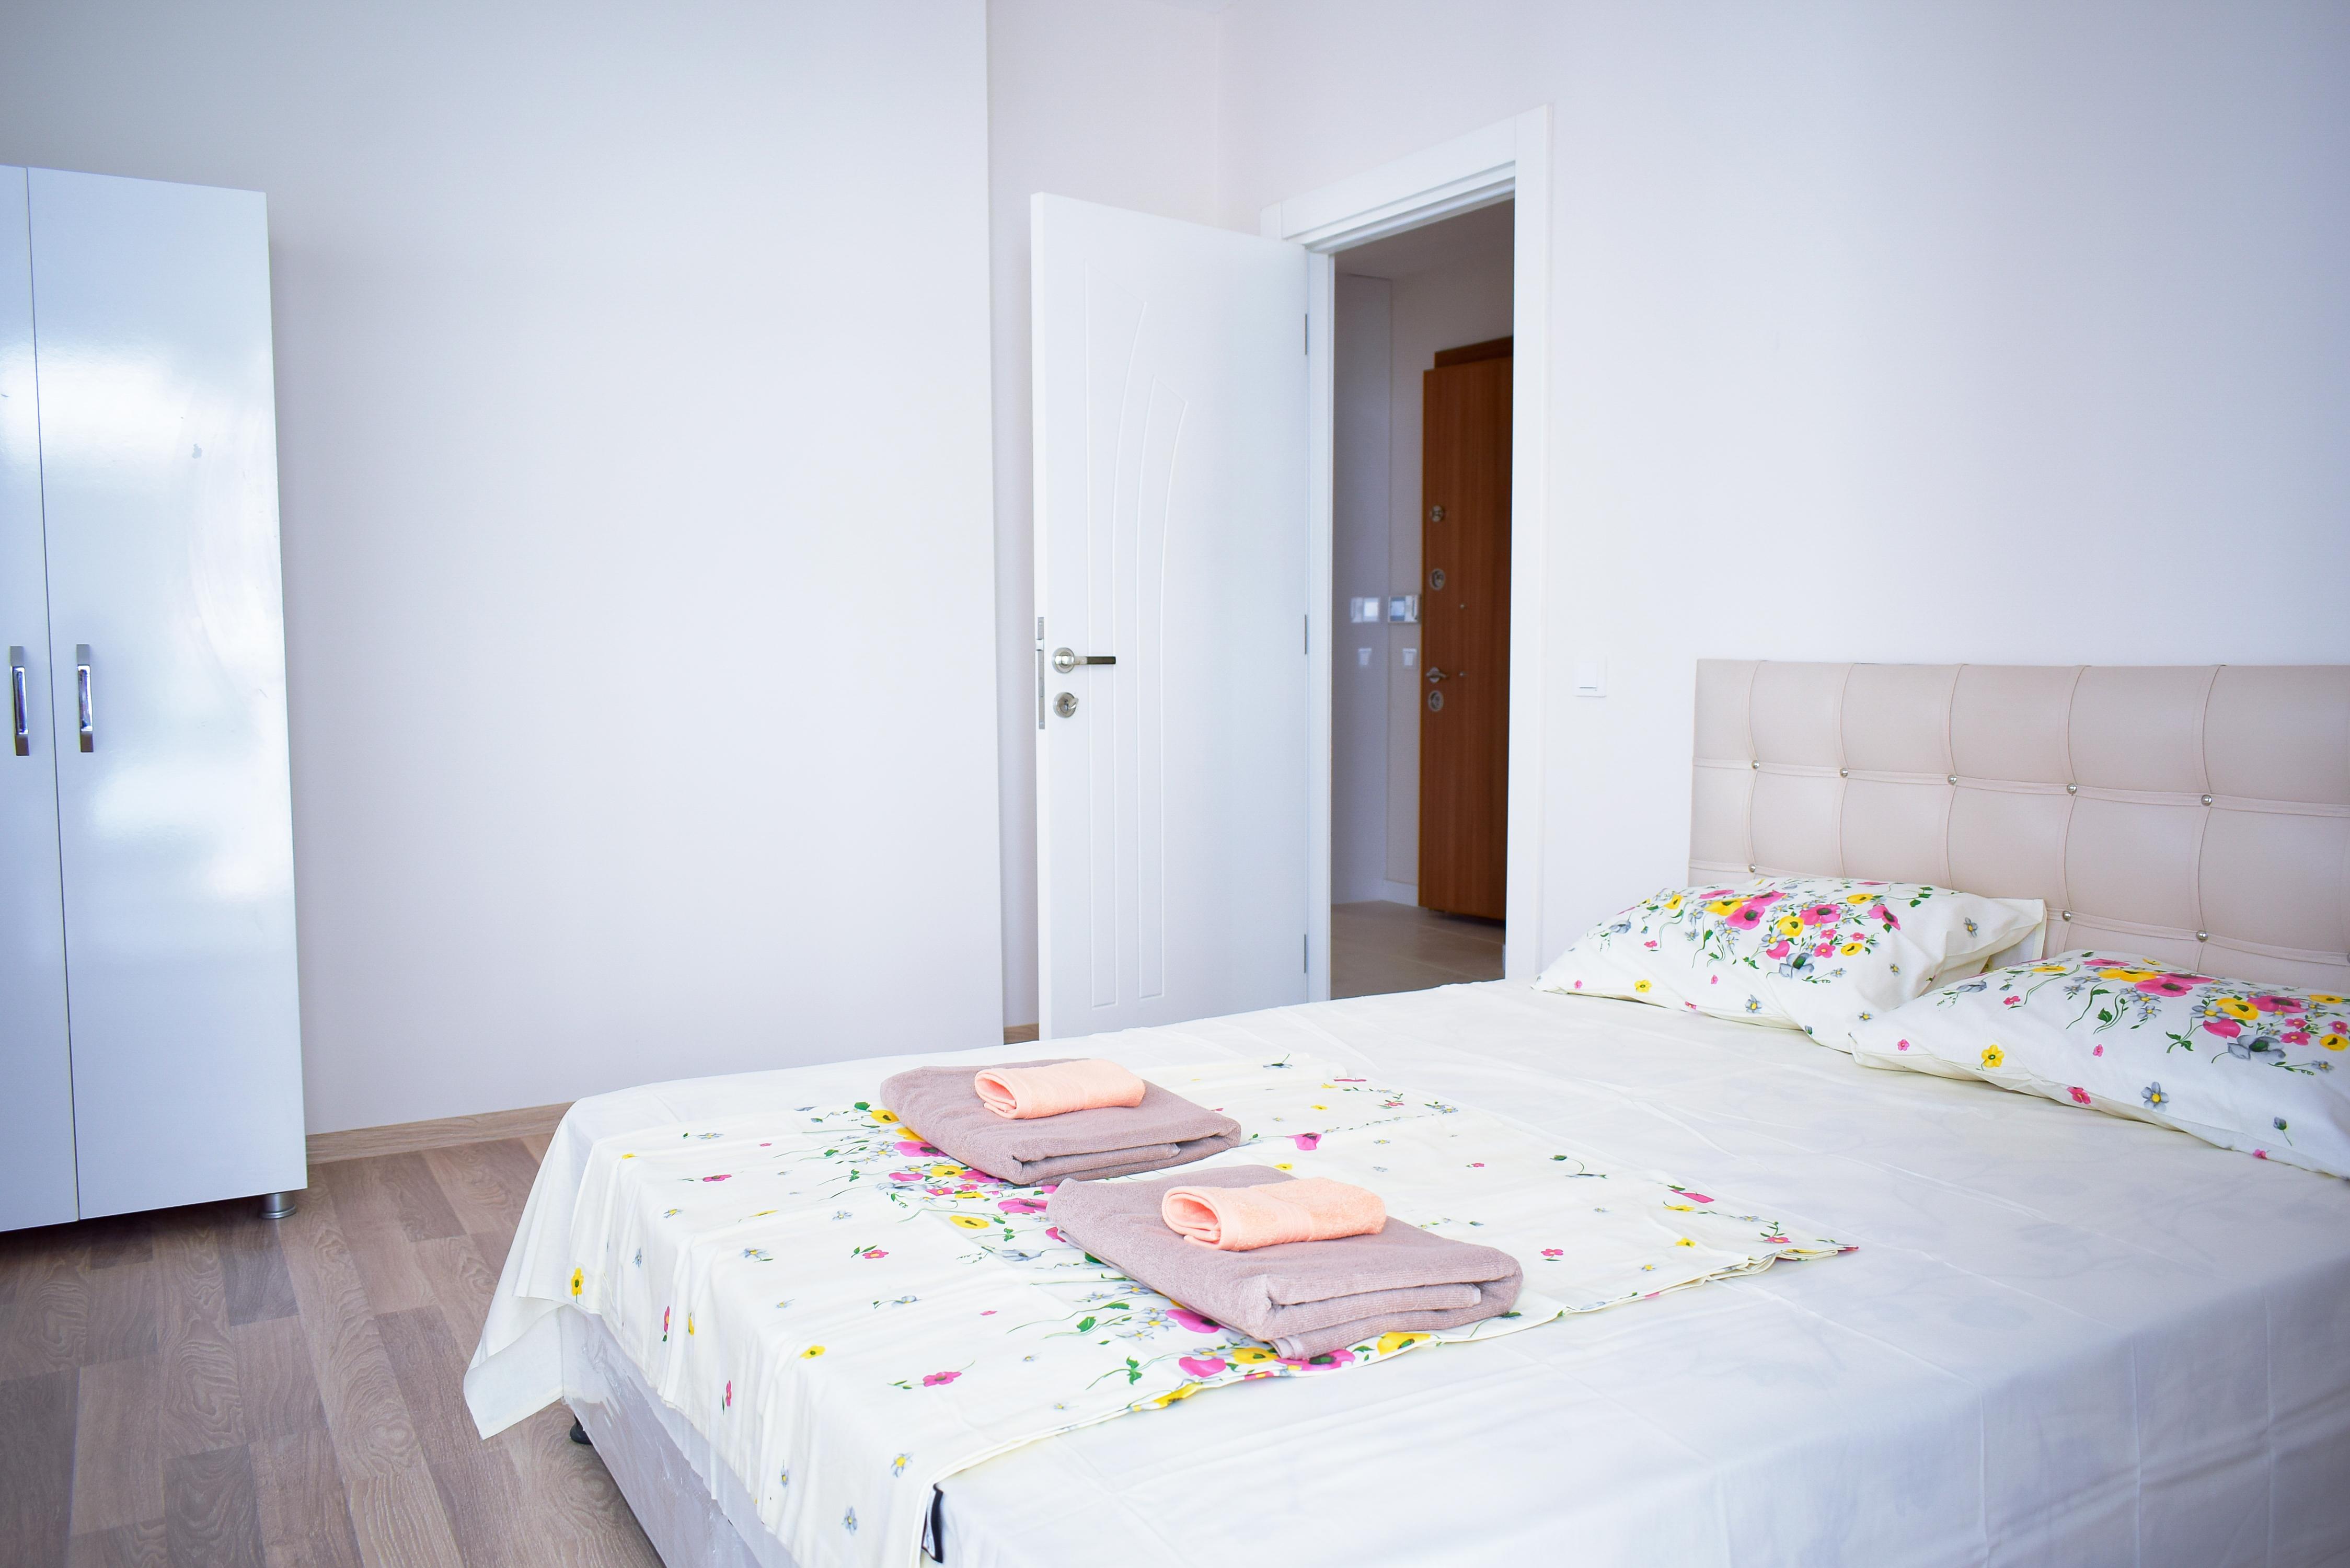 Ferienwohnung Gerumige 2 Schlafzimmer fr bis zu 5 mit Blick auf die Berge Gratis Wifi (2782158), Çakirlar, , Mittelmeerregion, Türkei, Bild 10